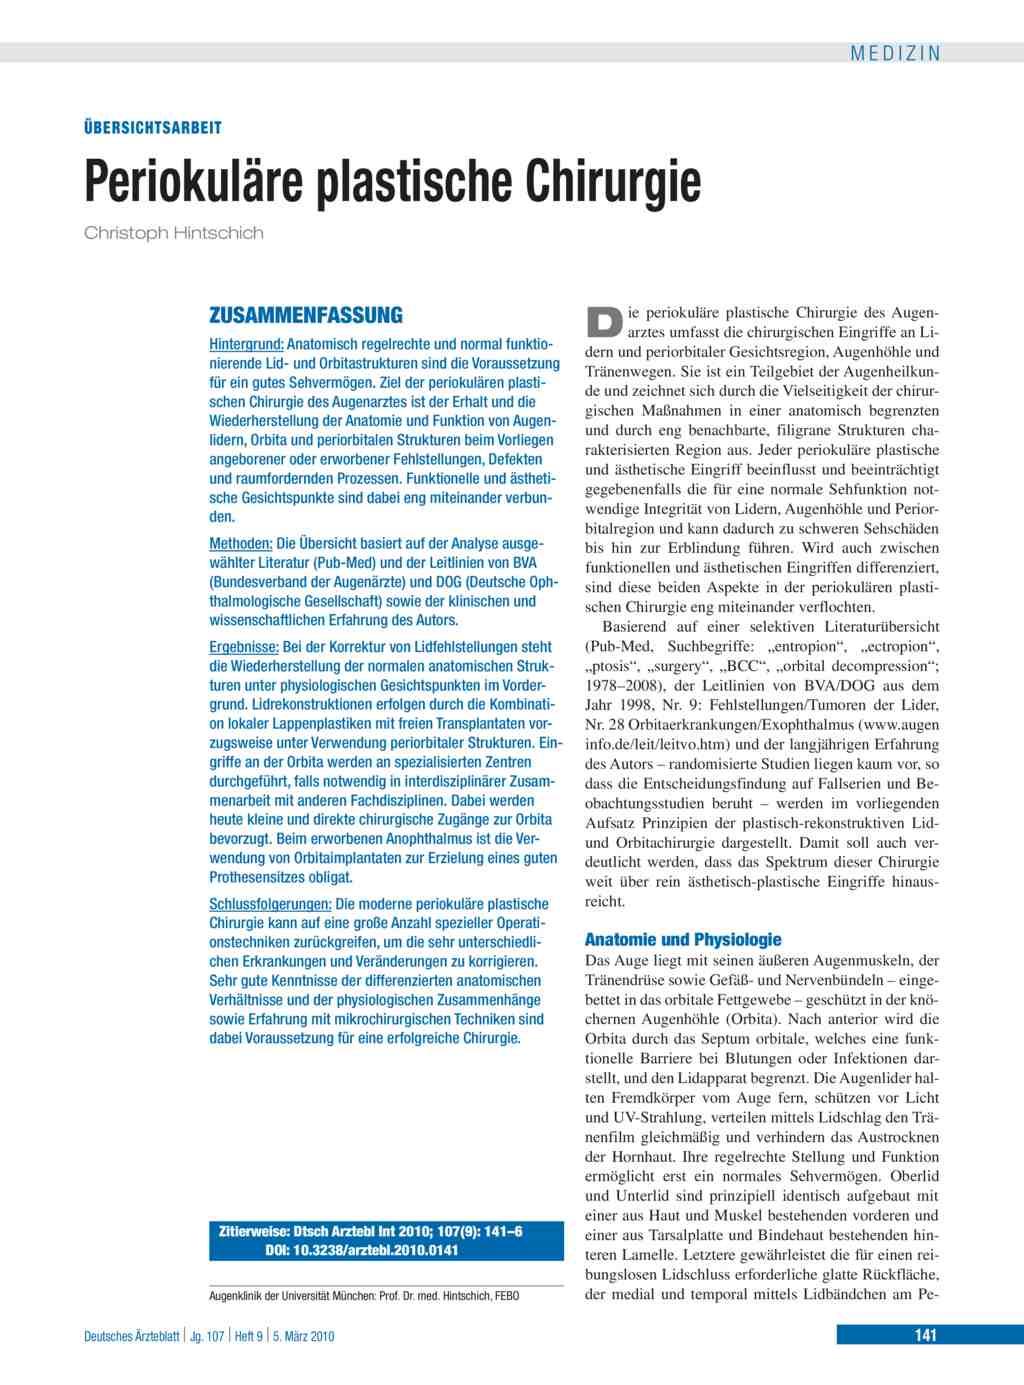 Periokuläre plastische Chirurgie